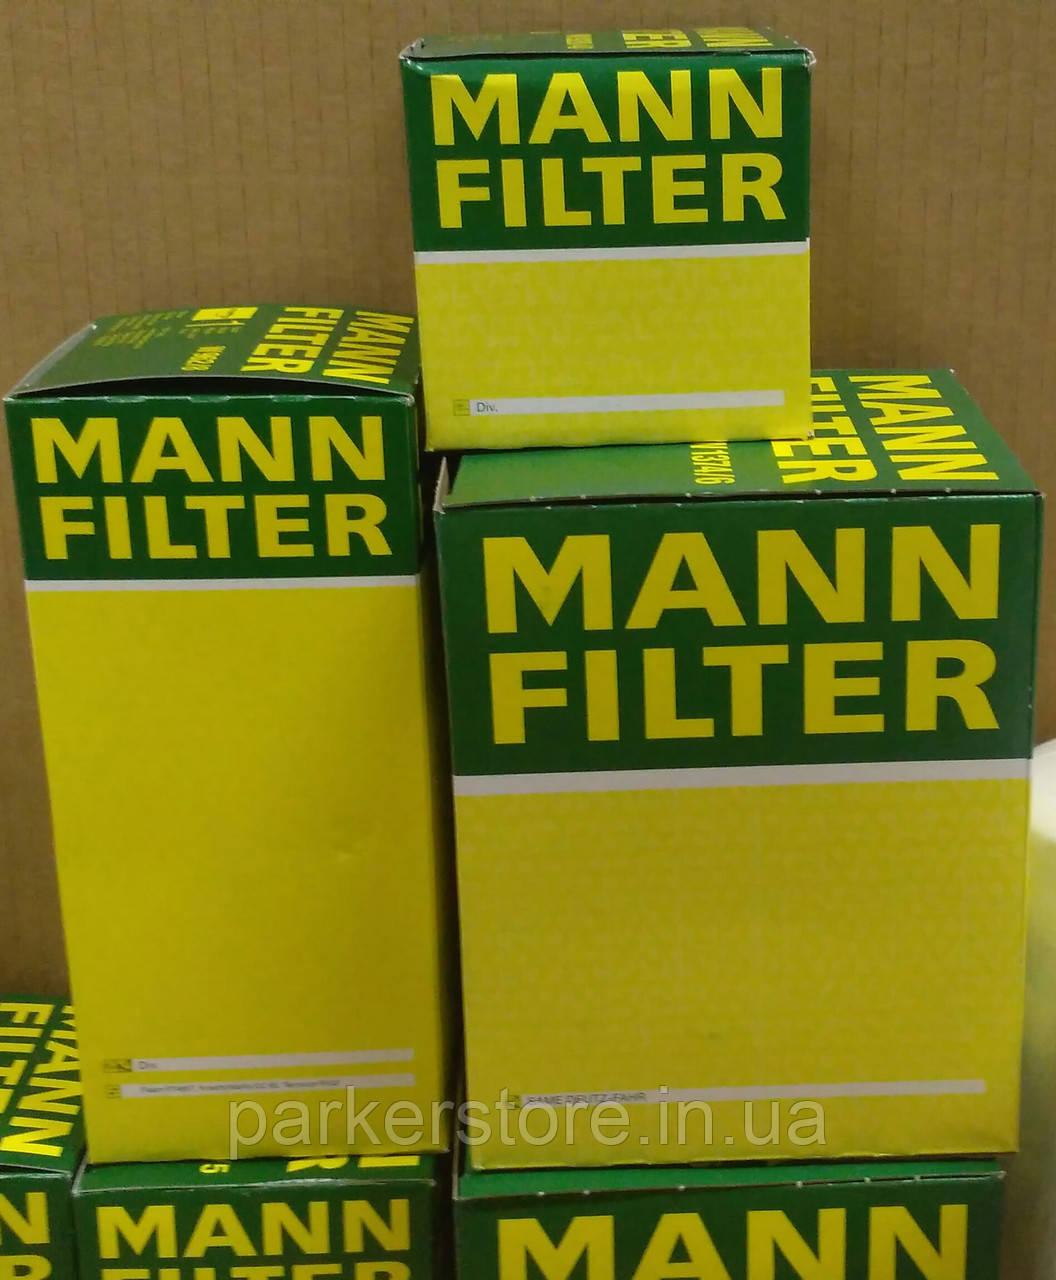 MANN FILTER / Воздушный фильтр / C 1480 / C1480